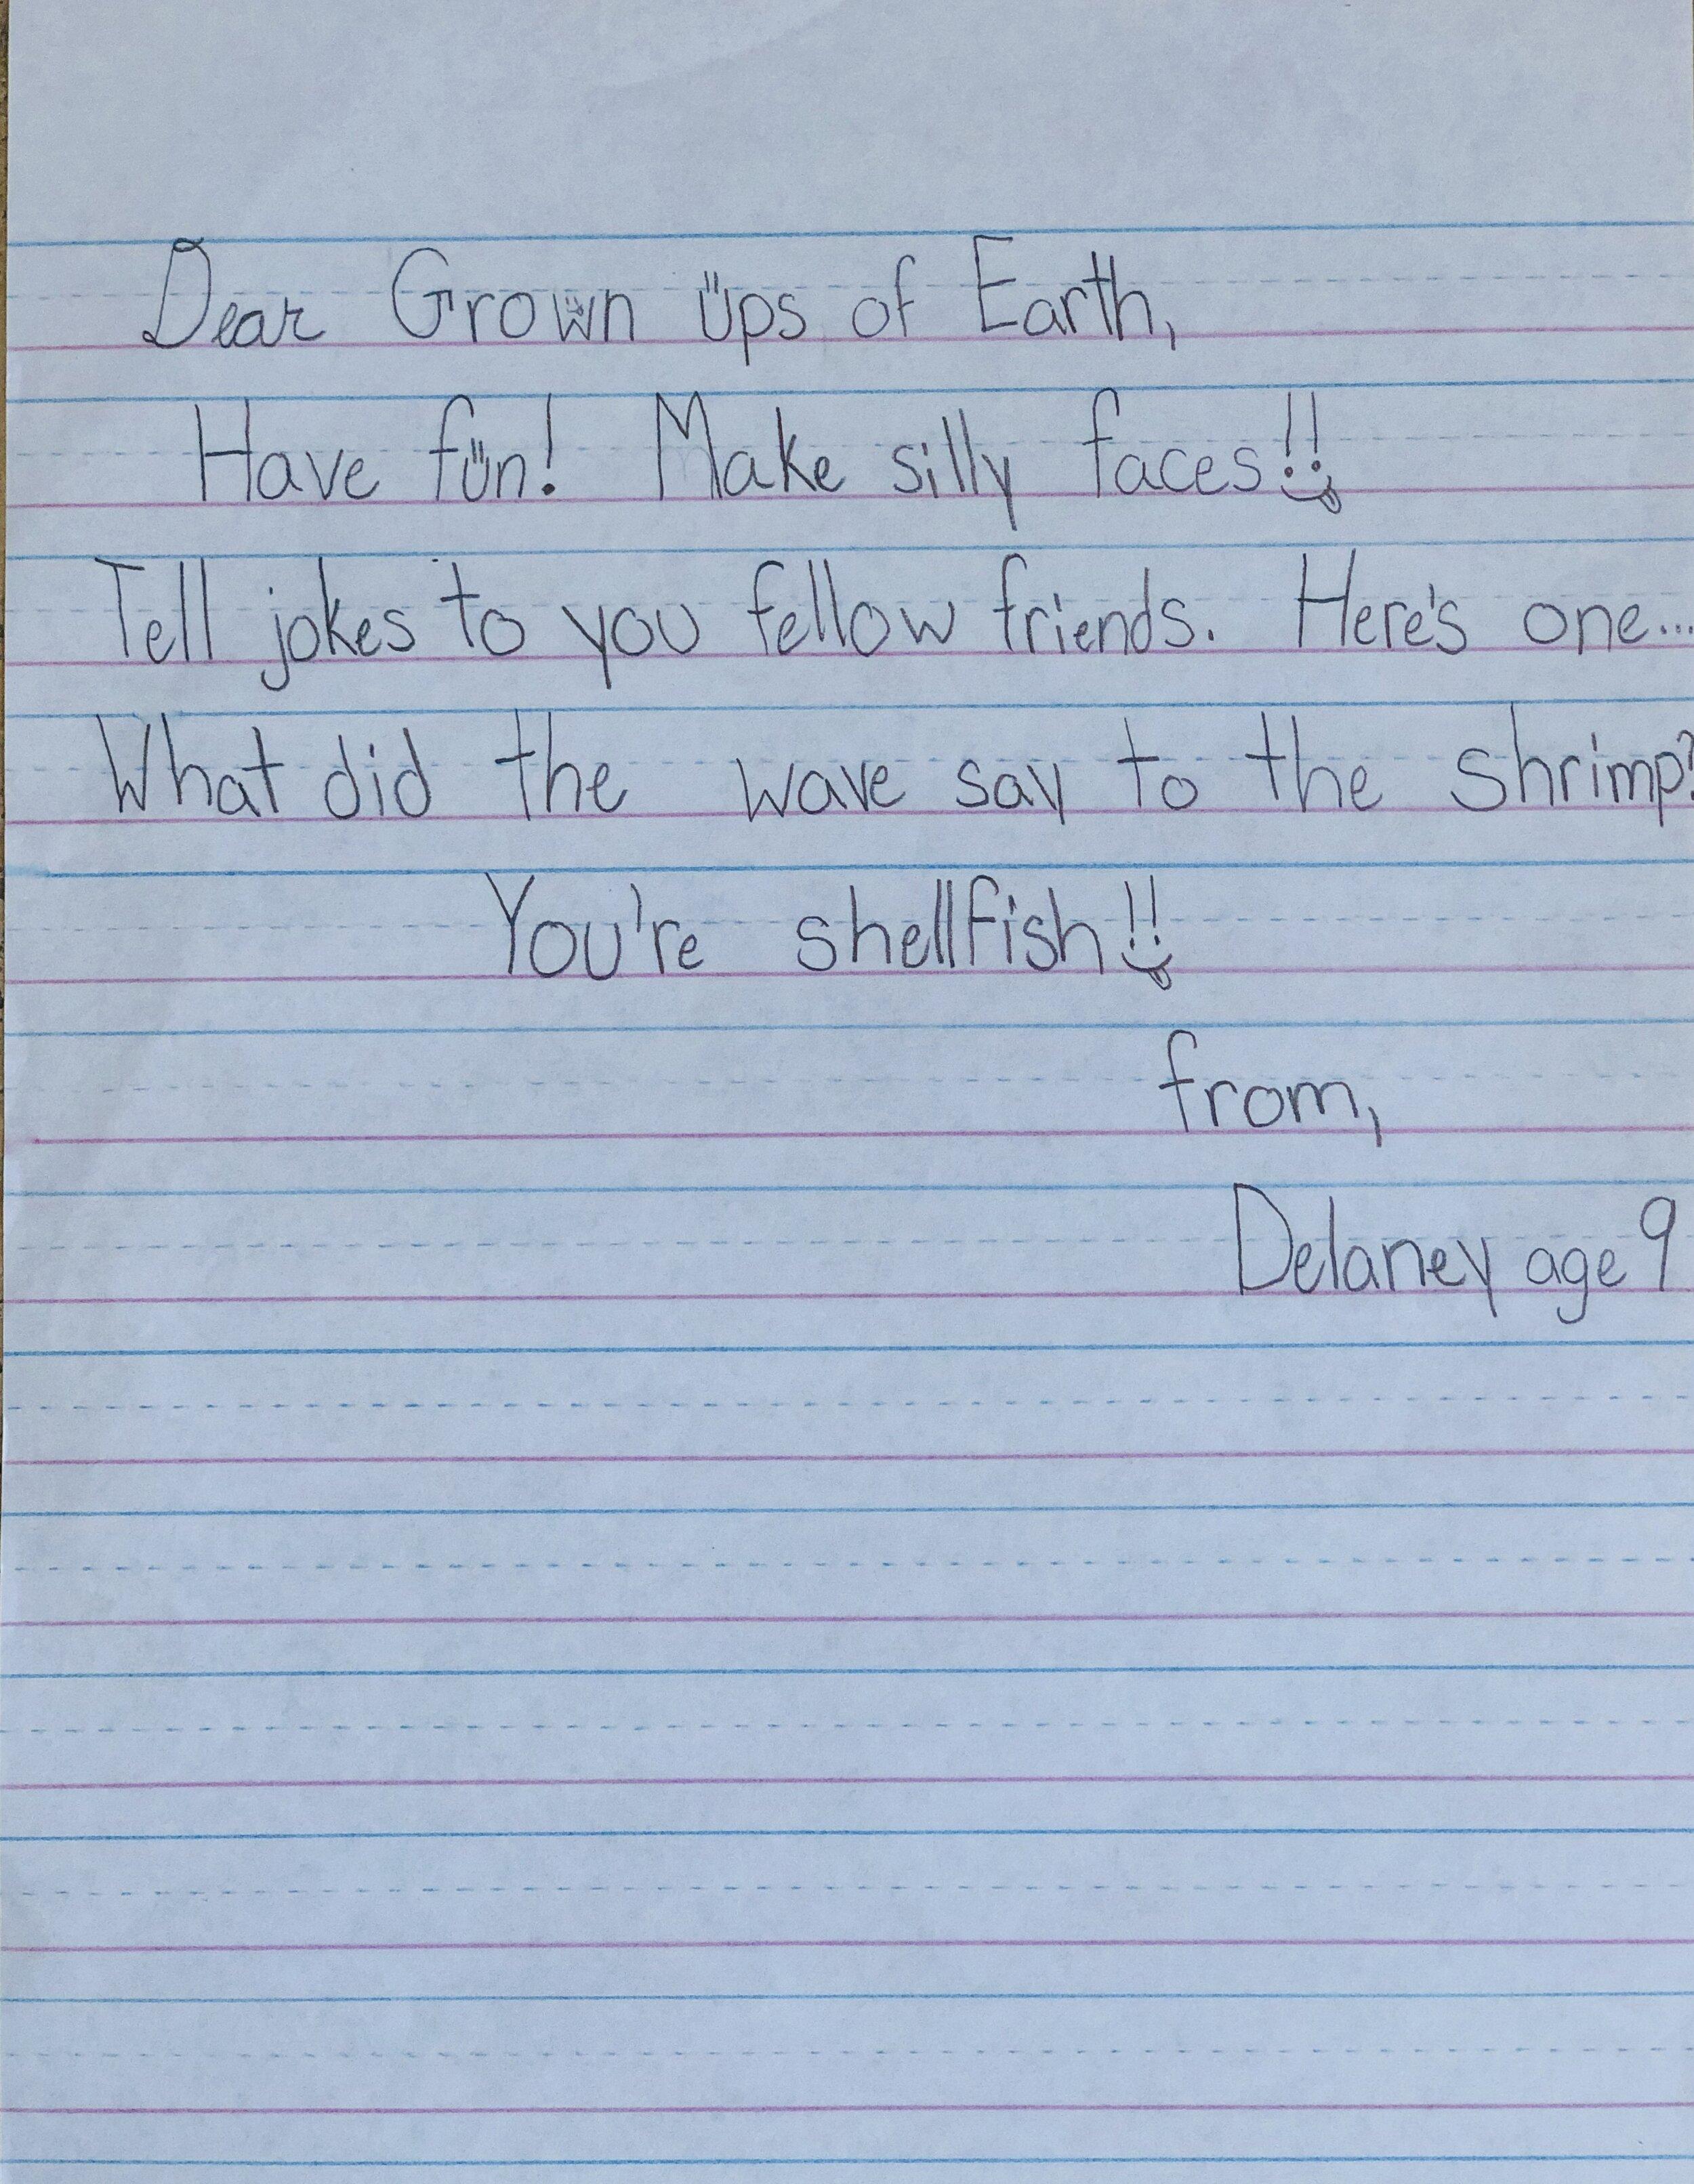 Delaney - Age 9 - Los Angeles